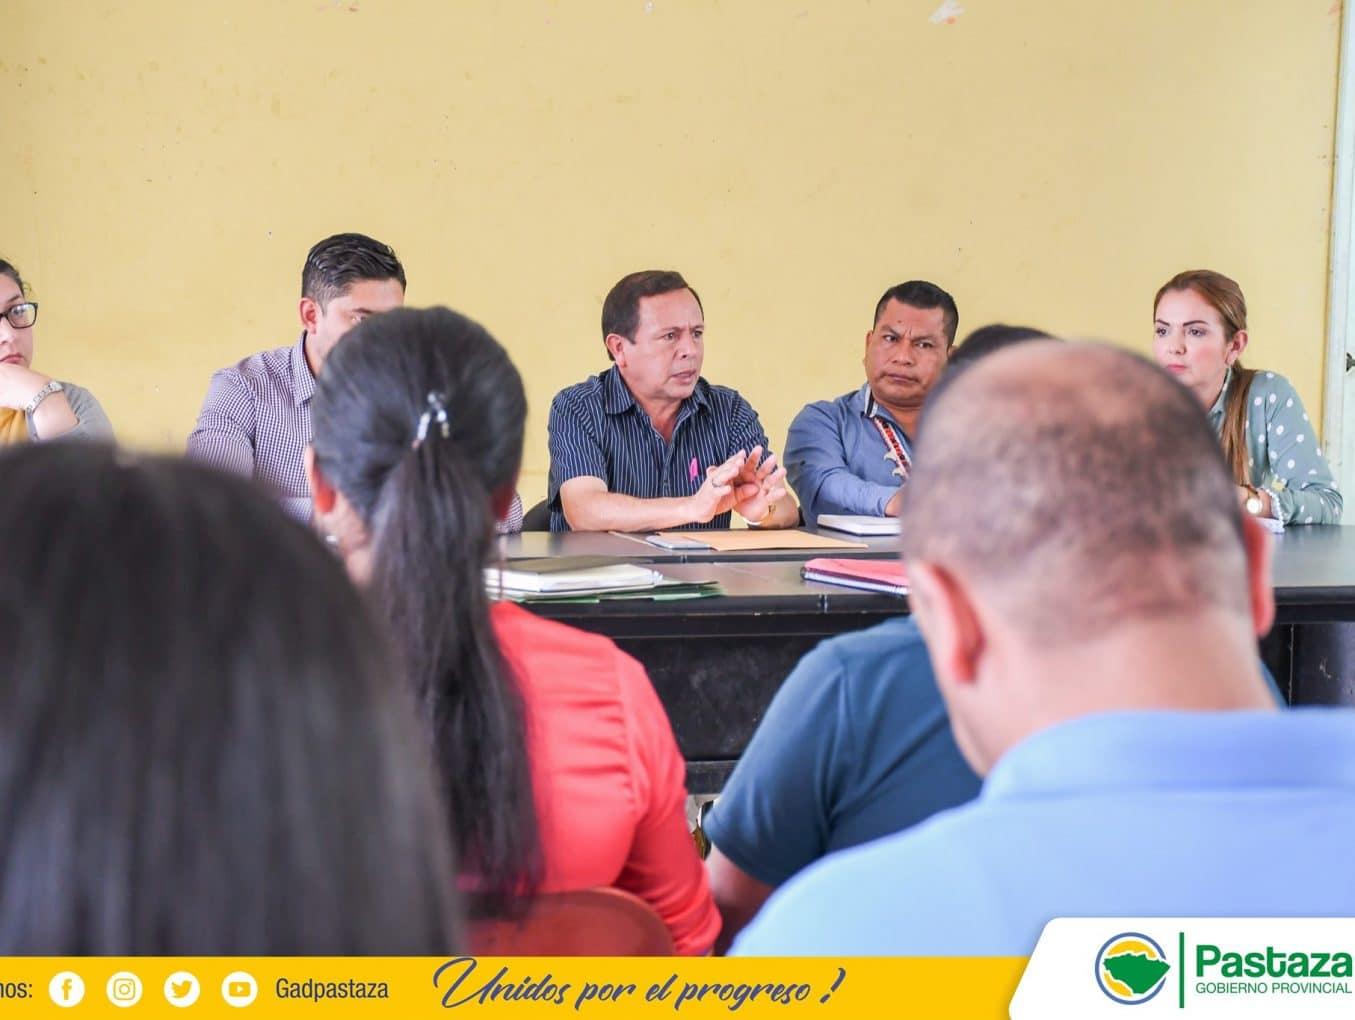 Jaime Guevara, Prefecto de Pastaza, participó de la reunión que se realizó en la sede de Acia.